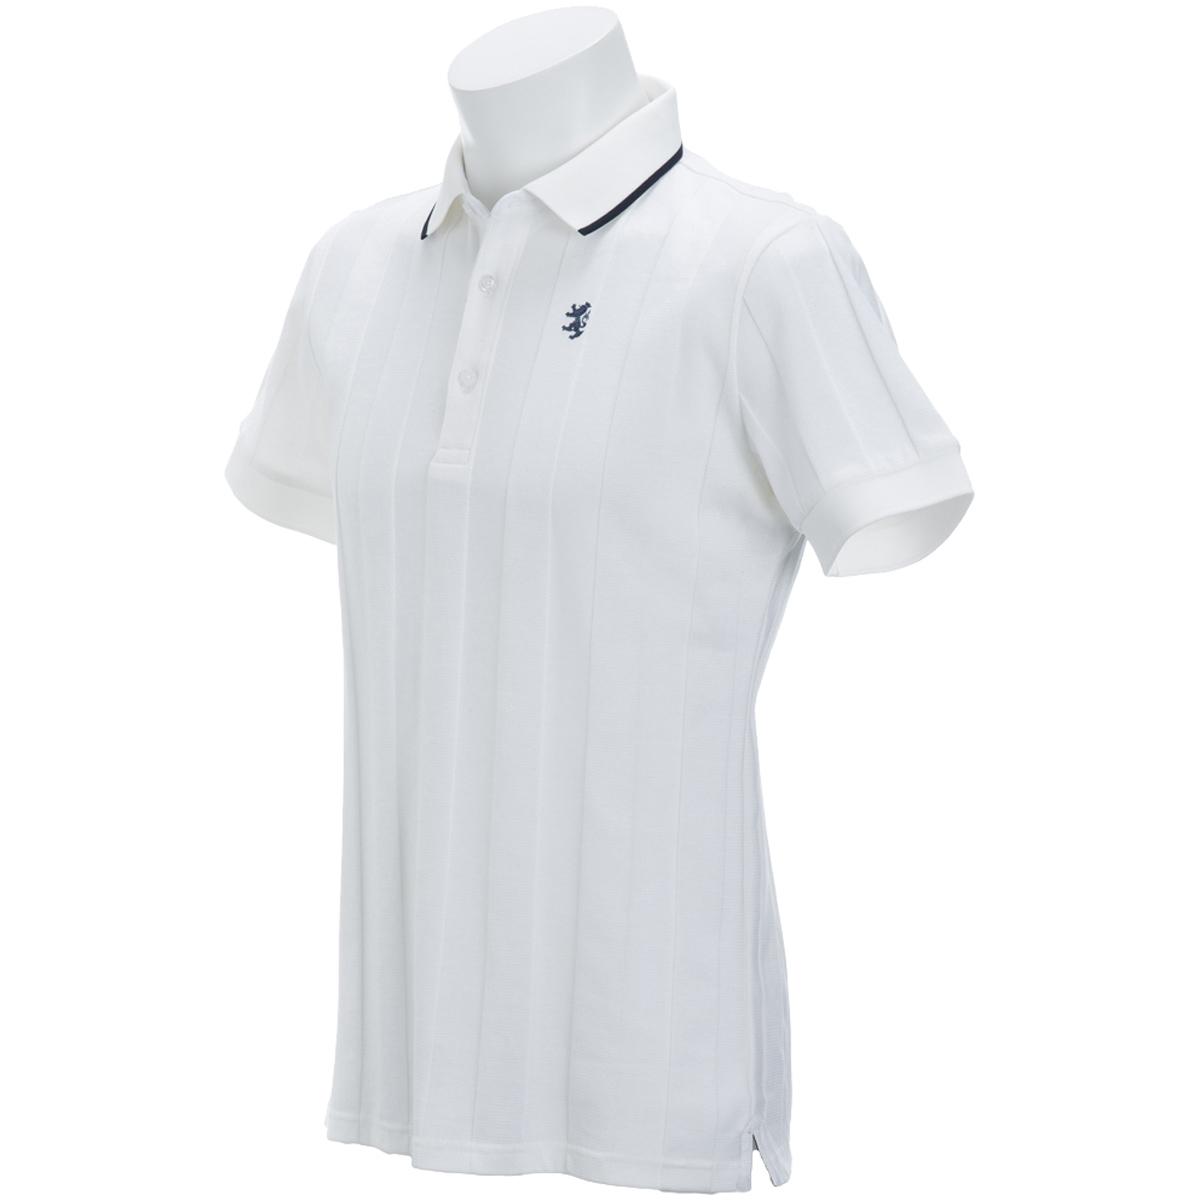 リンクスストライプ 半袖ポロシャツ